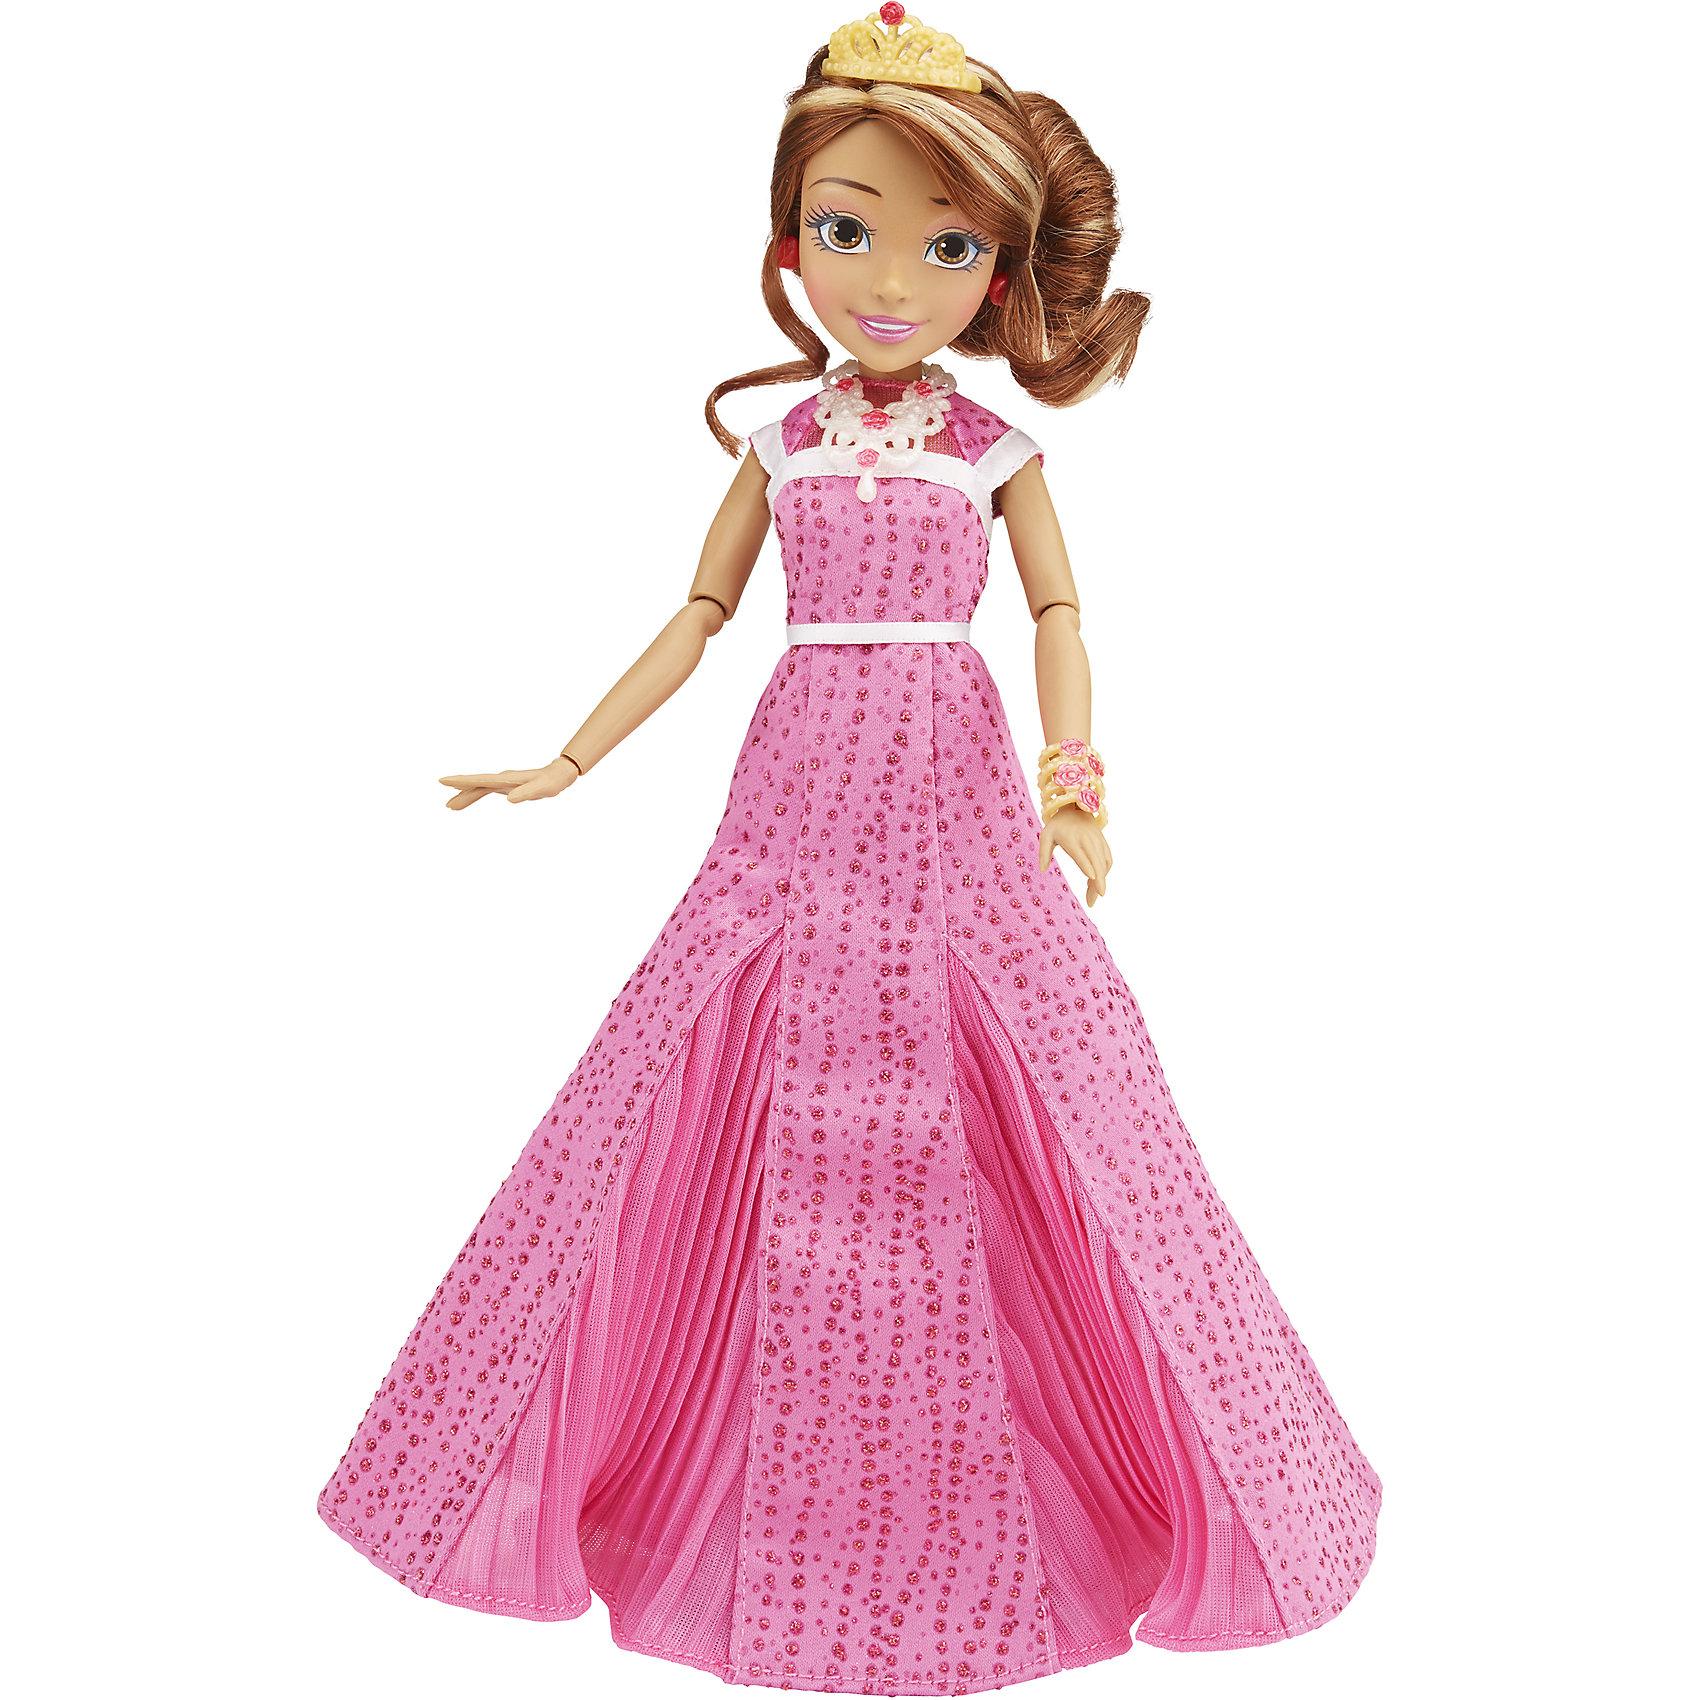 Кукла Одри, светлые герои в платьях для коронации, Наследники, Disney, B3123/B3124Игрушки<br>Светлые герои в платьях для коронации, Наследники, Disney, B3123/B3124.<br><br>Характеристики:<br><br>- В наборе: 1 кукла в платье для коронации, диадема, браслет, сумочка, кольцо для девочки<br>- Высота куклы: 27,5 см.<br>- Материал: высококачественный пластик, текстиль<br><br>Замечательная кукла Одри станет приятным подарком для девочки - поклонницы мультфильма «Наследники». Кукла выполнена с соблюдением внешних особенностей диснеевской героини Одри, дочери Авроры и Принца Филлипа, и одета в праздничное платье для коронации. На ней длинное розовое платье. На ногах - серебристые босоножки с нарисованной ласточкой, которые сочетаются с сумочкой. На руке - красивый браслет. У куклы красивые густые волосы, которые можно расчесывать и заплетать. Волосы уложены в прическу, на голове красуется диадема. Макияж Одри подчеркивает выразительность глаз, а длинные нарисованные реснички делают взгляд проницательным и ярким. А еще вашу малышку ждет приятный сюрприз - в набор входит золотистое колечко с гербом, которое она сможет носить на своей руке. Кукла имеет шарнирное соединение в 11 точках артикуляции, и может принимать любую позу. Игрушка выполнена из качественных, нетоксичных материалов, сертифицированных для производства детских товаров. Используемые красители безопасны для ребёнка.<br><br>Набор Светлые герои в платьях для коронации, Наследники, Disney, B3123/B3124 можно купить в нашем интернет-магазине.<br><br>Ширина мм: 63<br>Глубина мм: 253<br>Высота мм: 1750<br>Вес г: 393<br>Возраст от месяцев: 72<br>Возраст до месяцев: 168<br>Пол: Женский<br>Возраст: Детский<br>SKU: 5064677